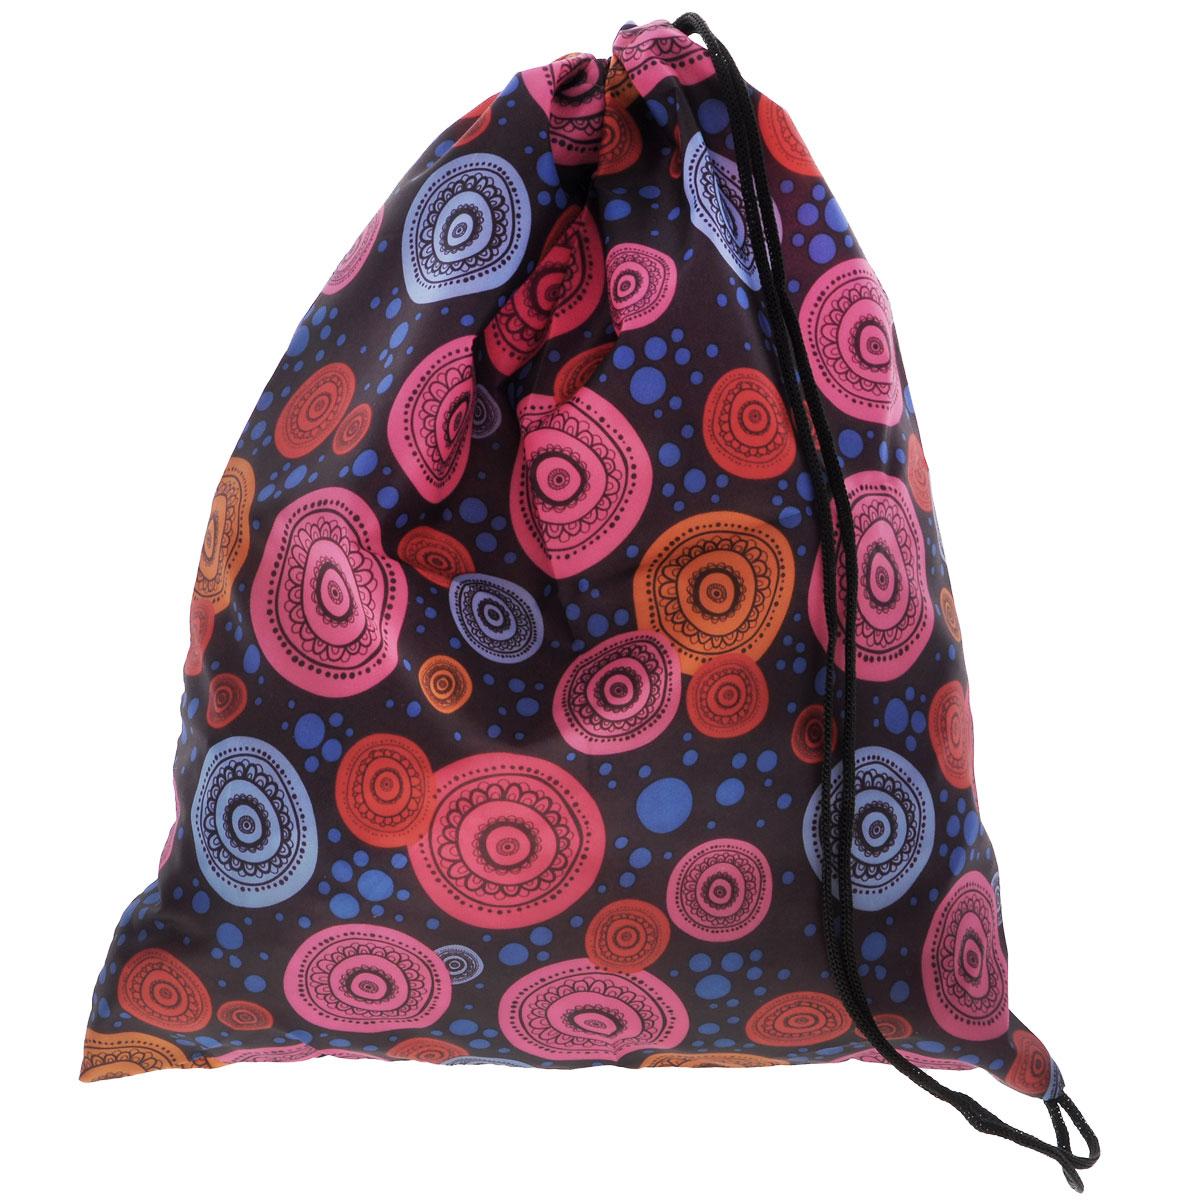 Eva Сумка для сменной обуви цвет голубой розовый оранжевыйЕ25Сумку для сменной обуви Eva удобно использовать как для хранения, так и для переноски сменной обуви. Она выполнена из прочного полиэстера и затягивается сверху текстильными шнурками. Плотный материал обеспечит надежность и долговечность сумки.